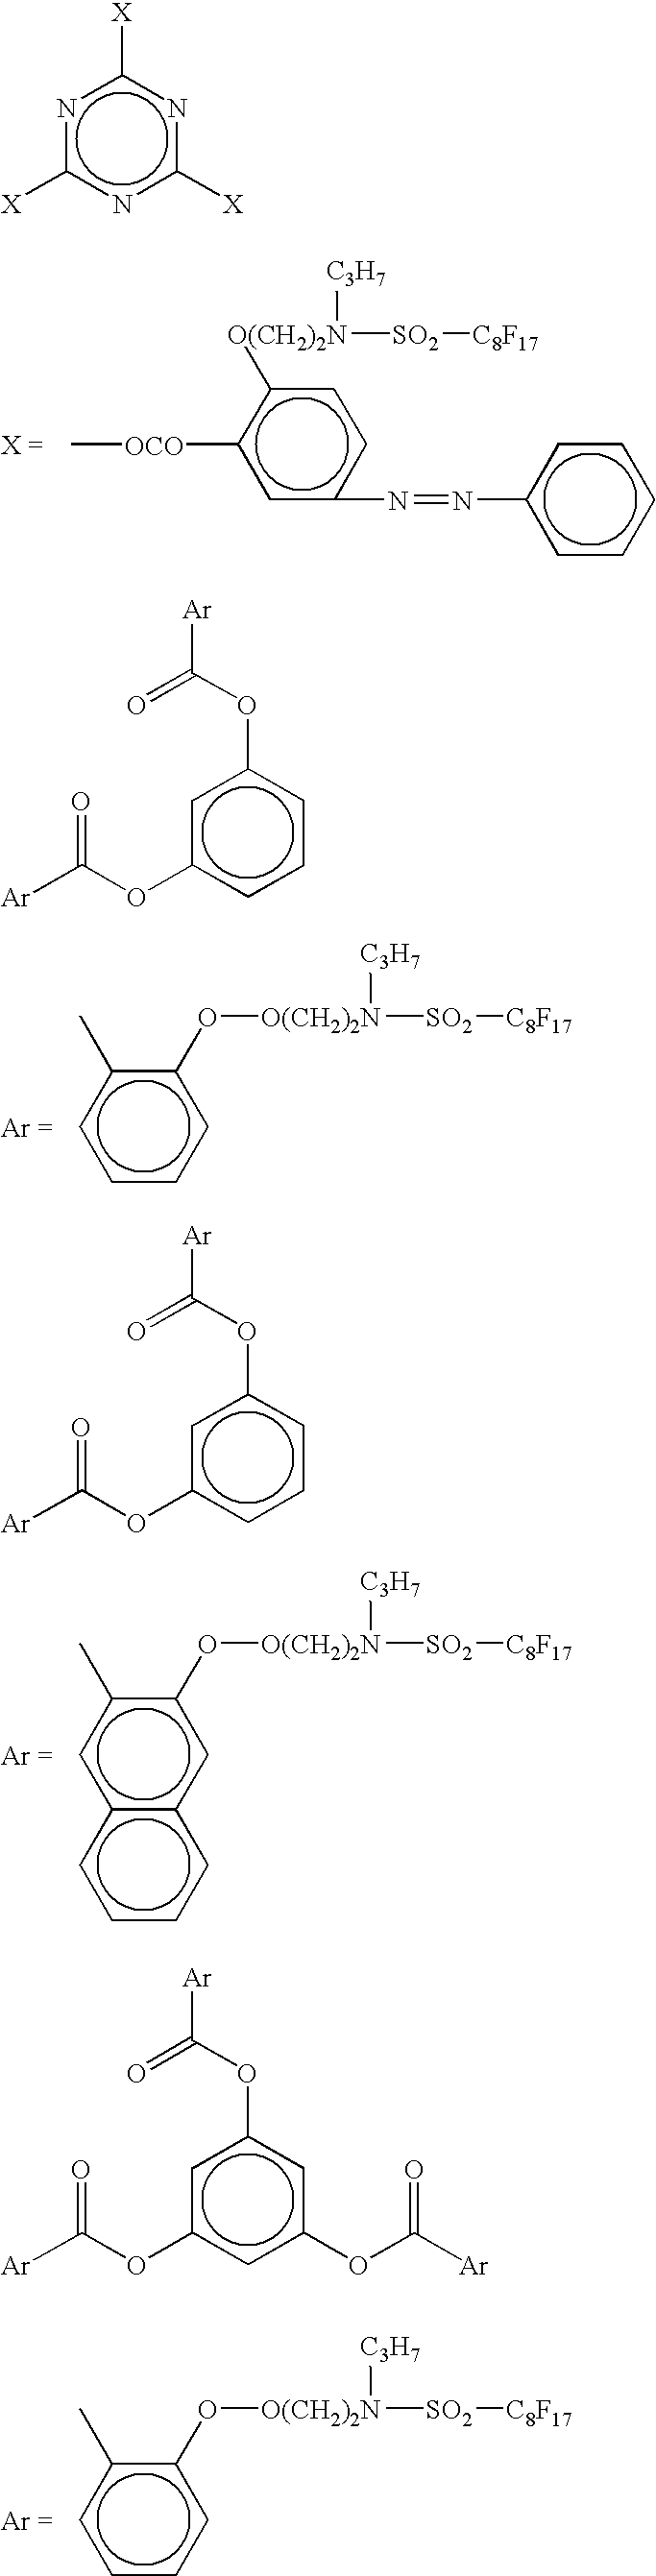 Figure US06893585-20050517-C00035